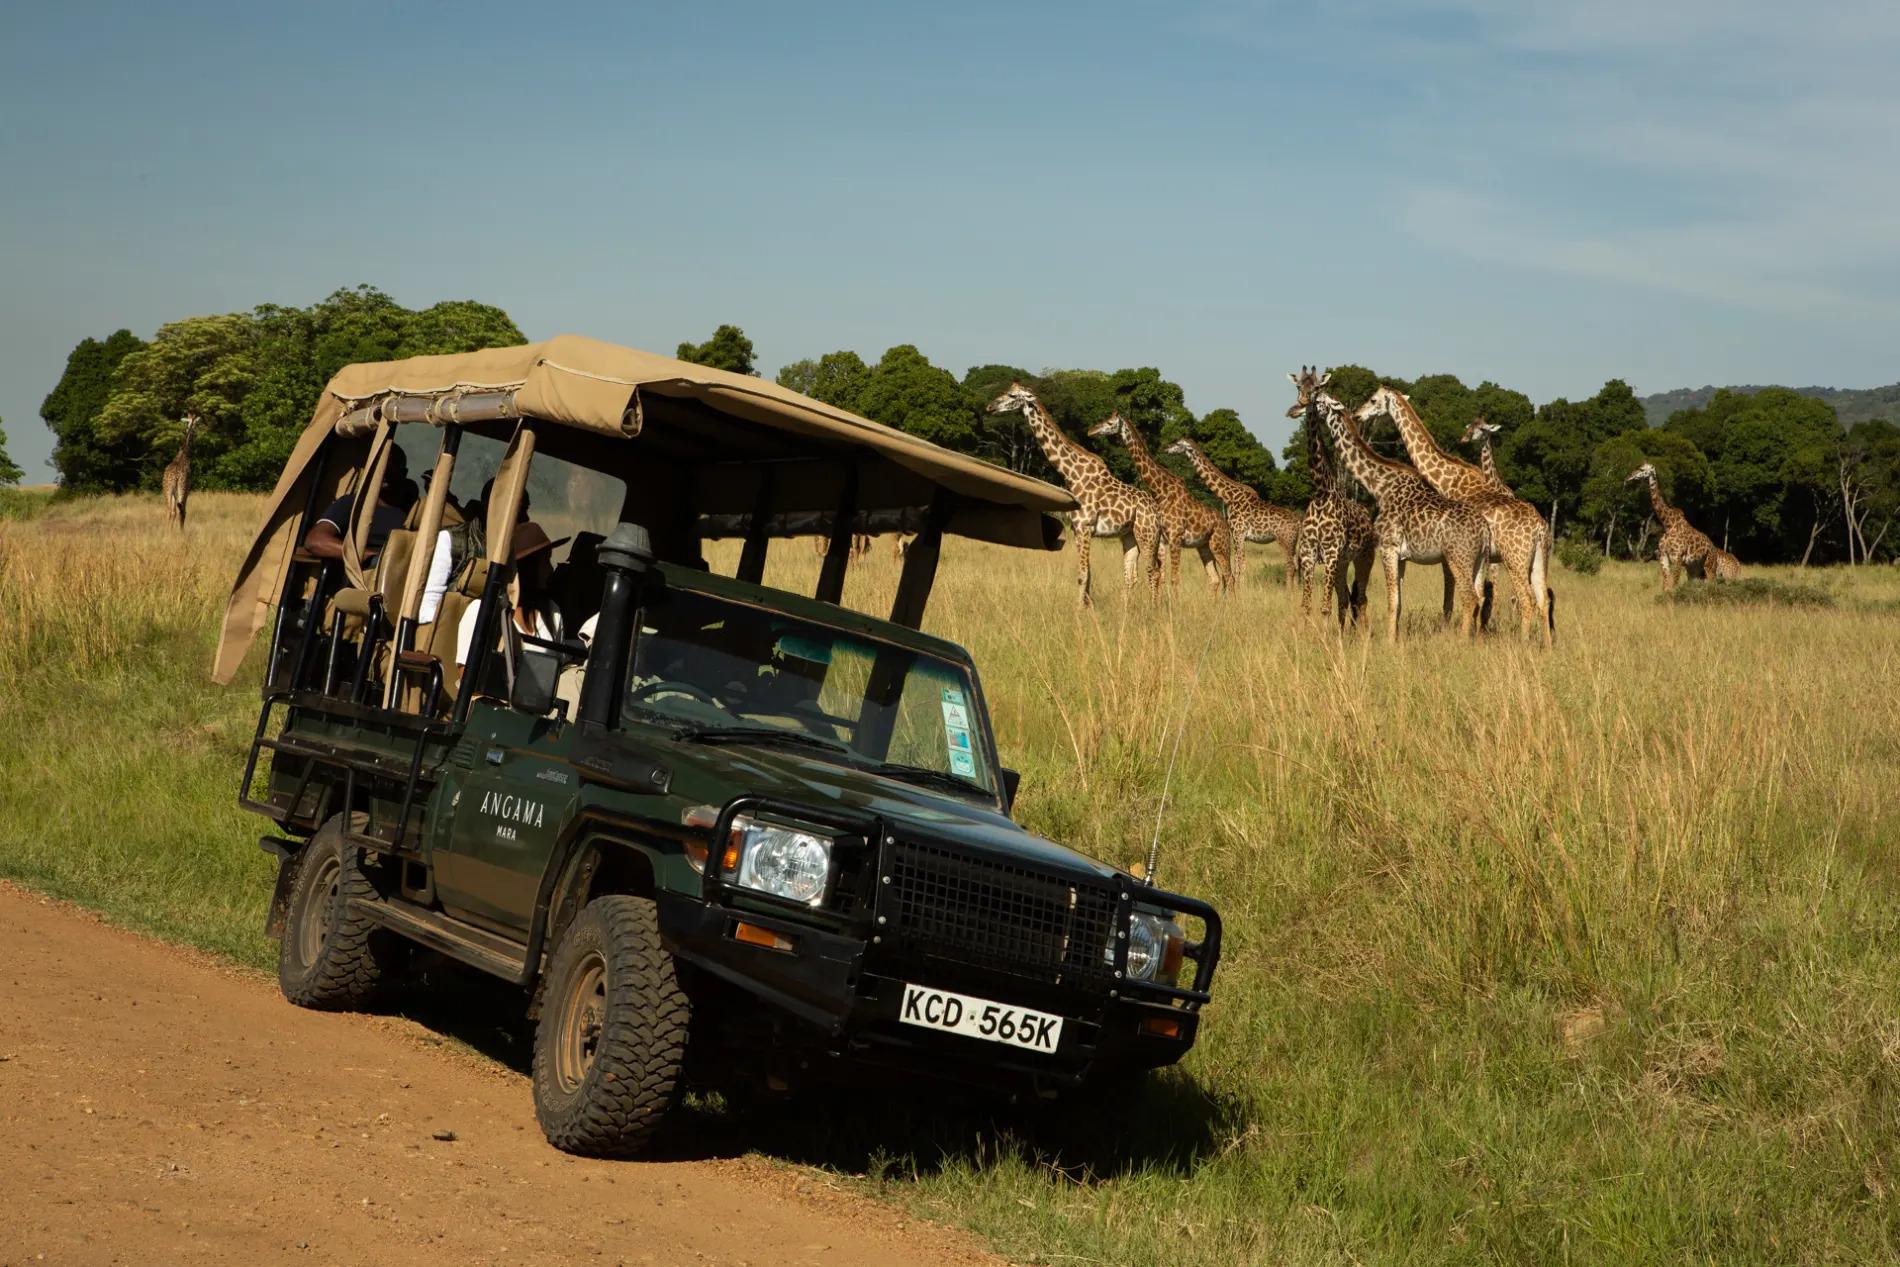 Giraffe and car